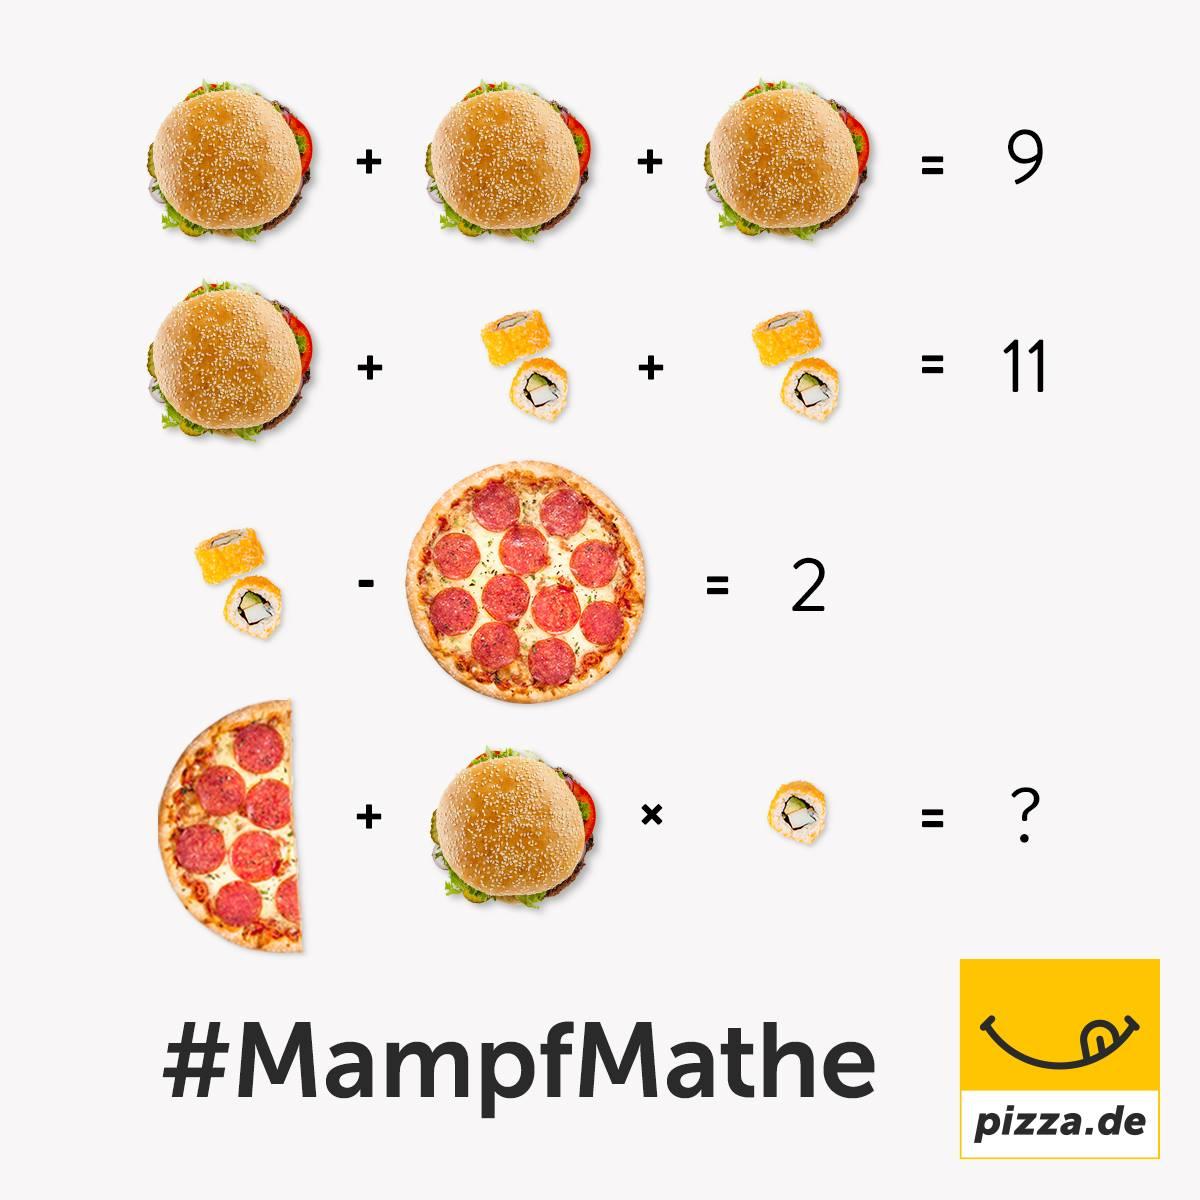 Pizza.de 5€ Gutschein mit 10€ MBW